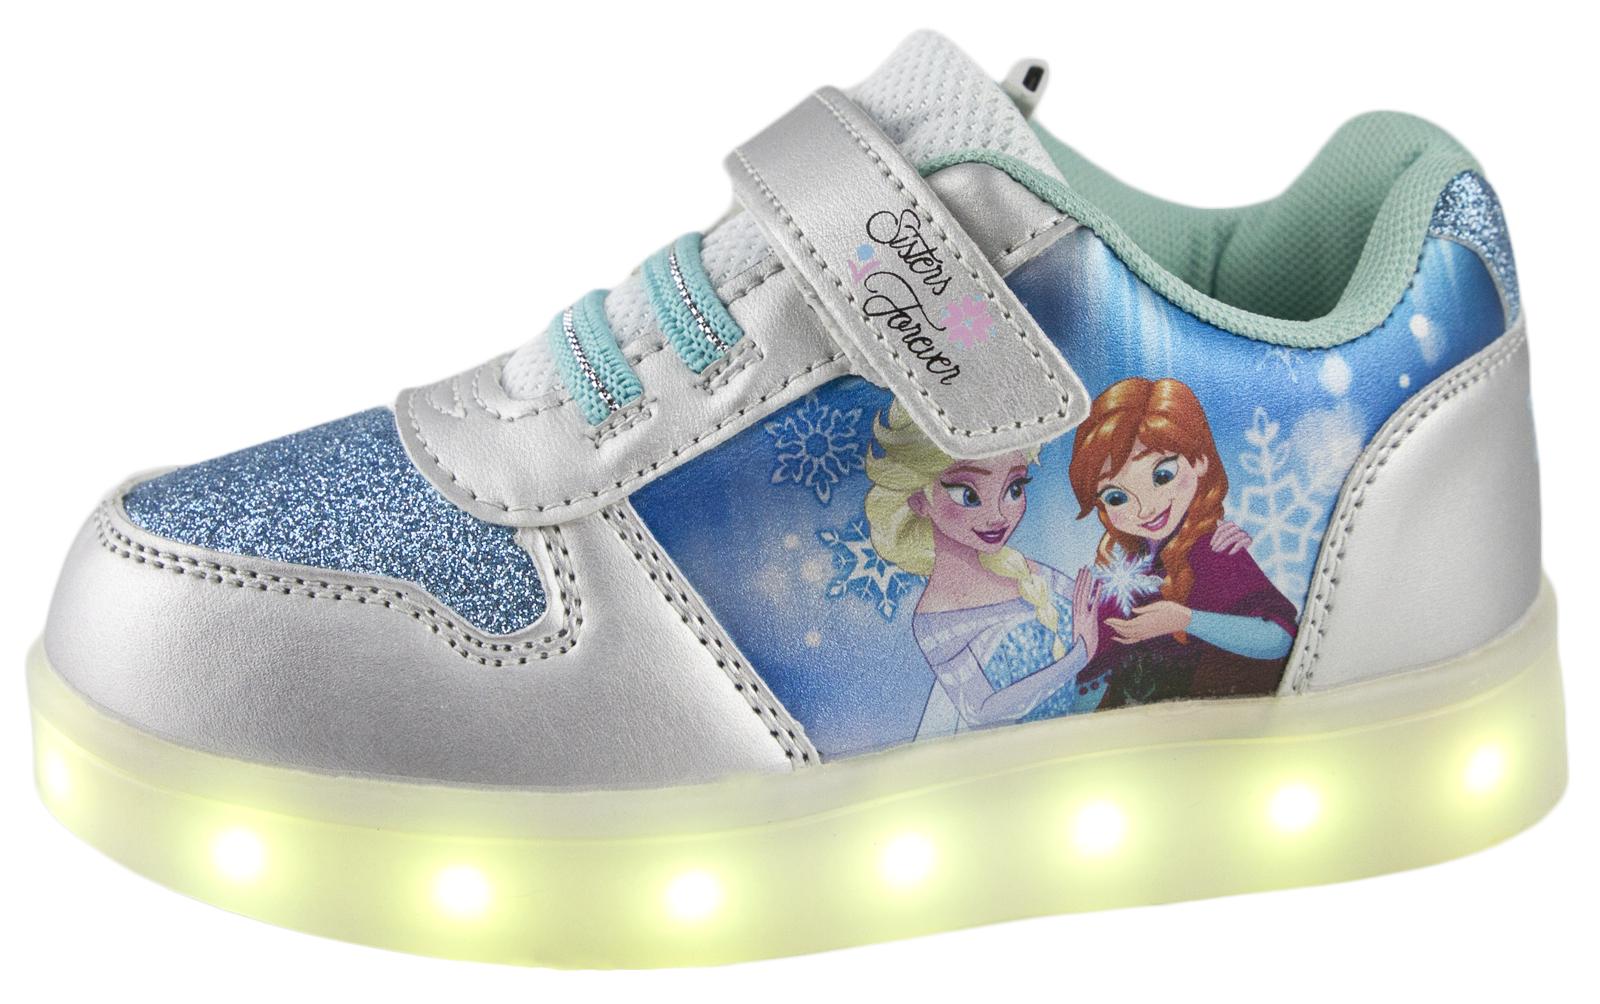 Elsa Light Up Shoes Size